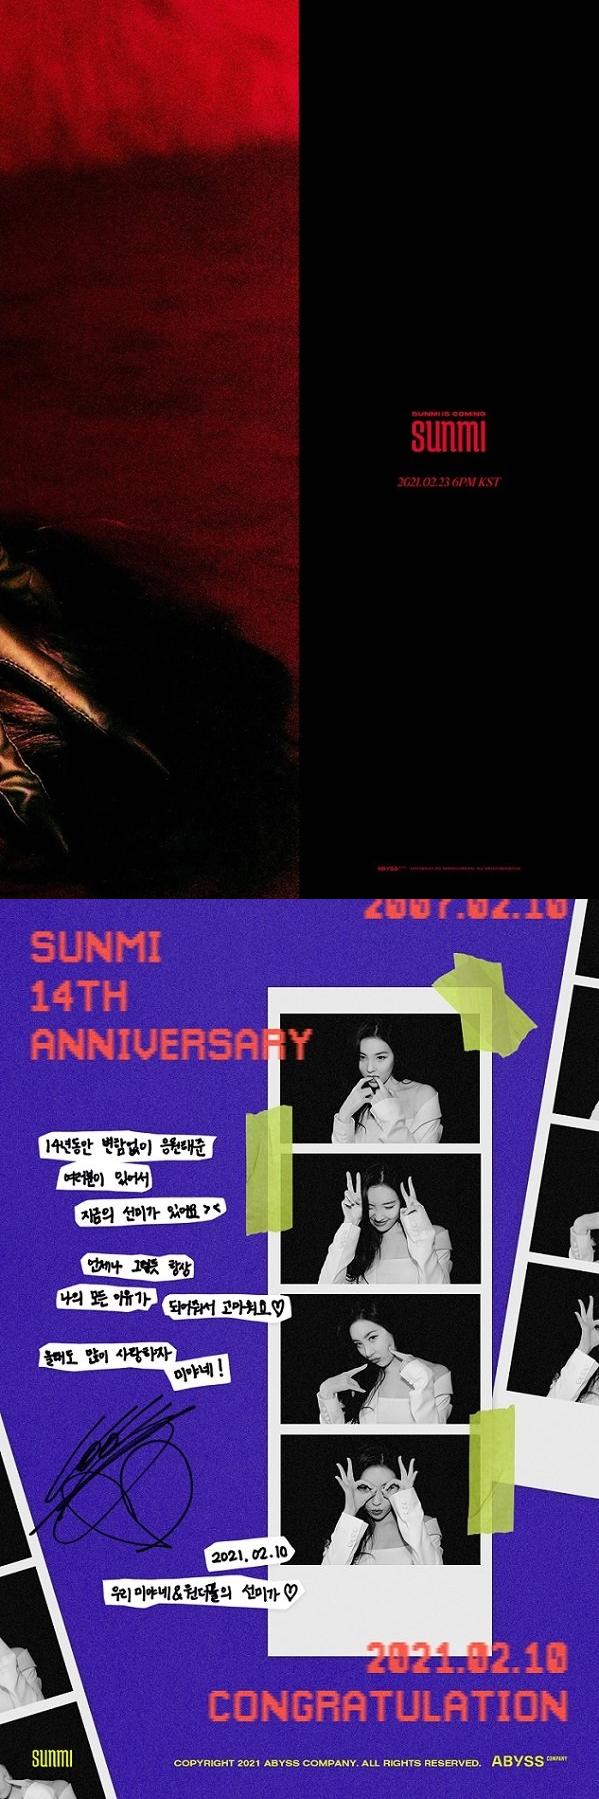 가수 선미가 8개월 만에 컴백을 앞둔 가운데 소속사 측이 컴백 티저를 공개했다. /사진=어비스컴퍼니 제공